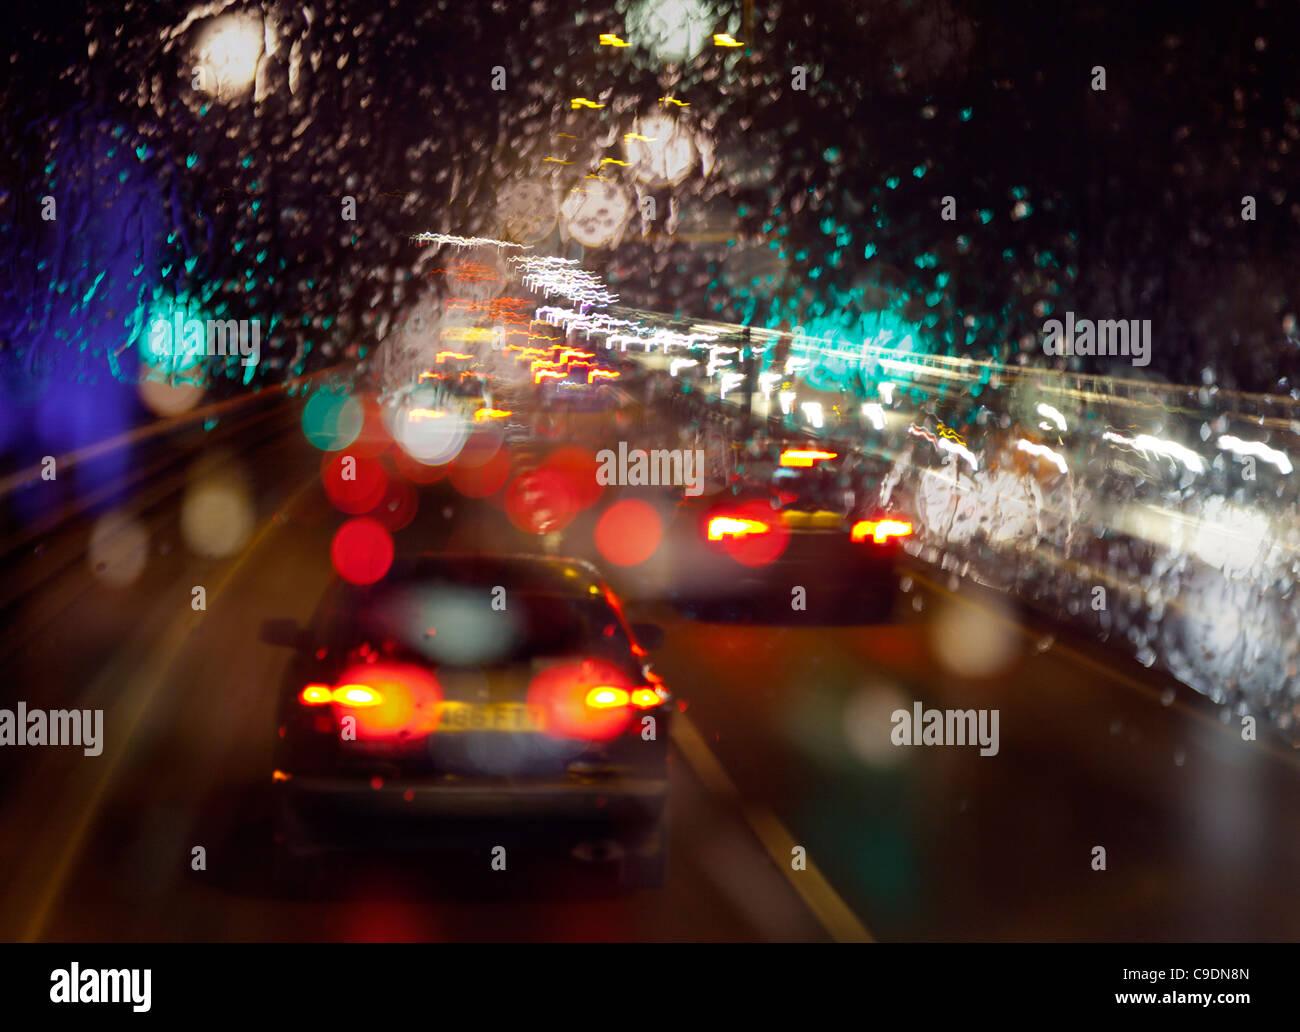 Spät in der Nacht nass Regen auf Windschutzscheibe schlechter Sicht während der Fahrt aus London im Feierabendverkehr Stockbild